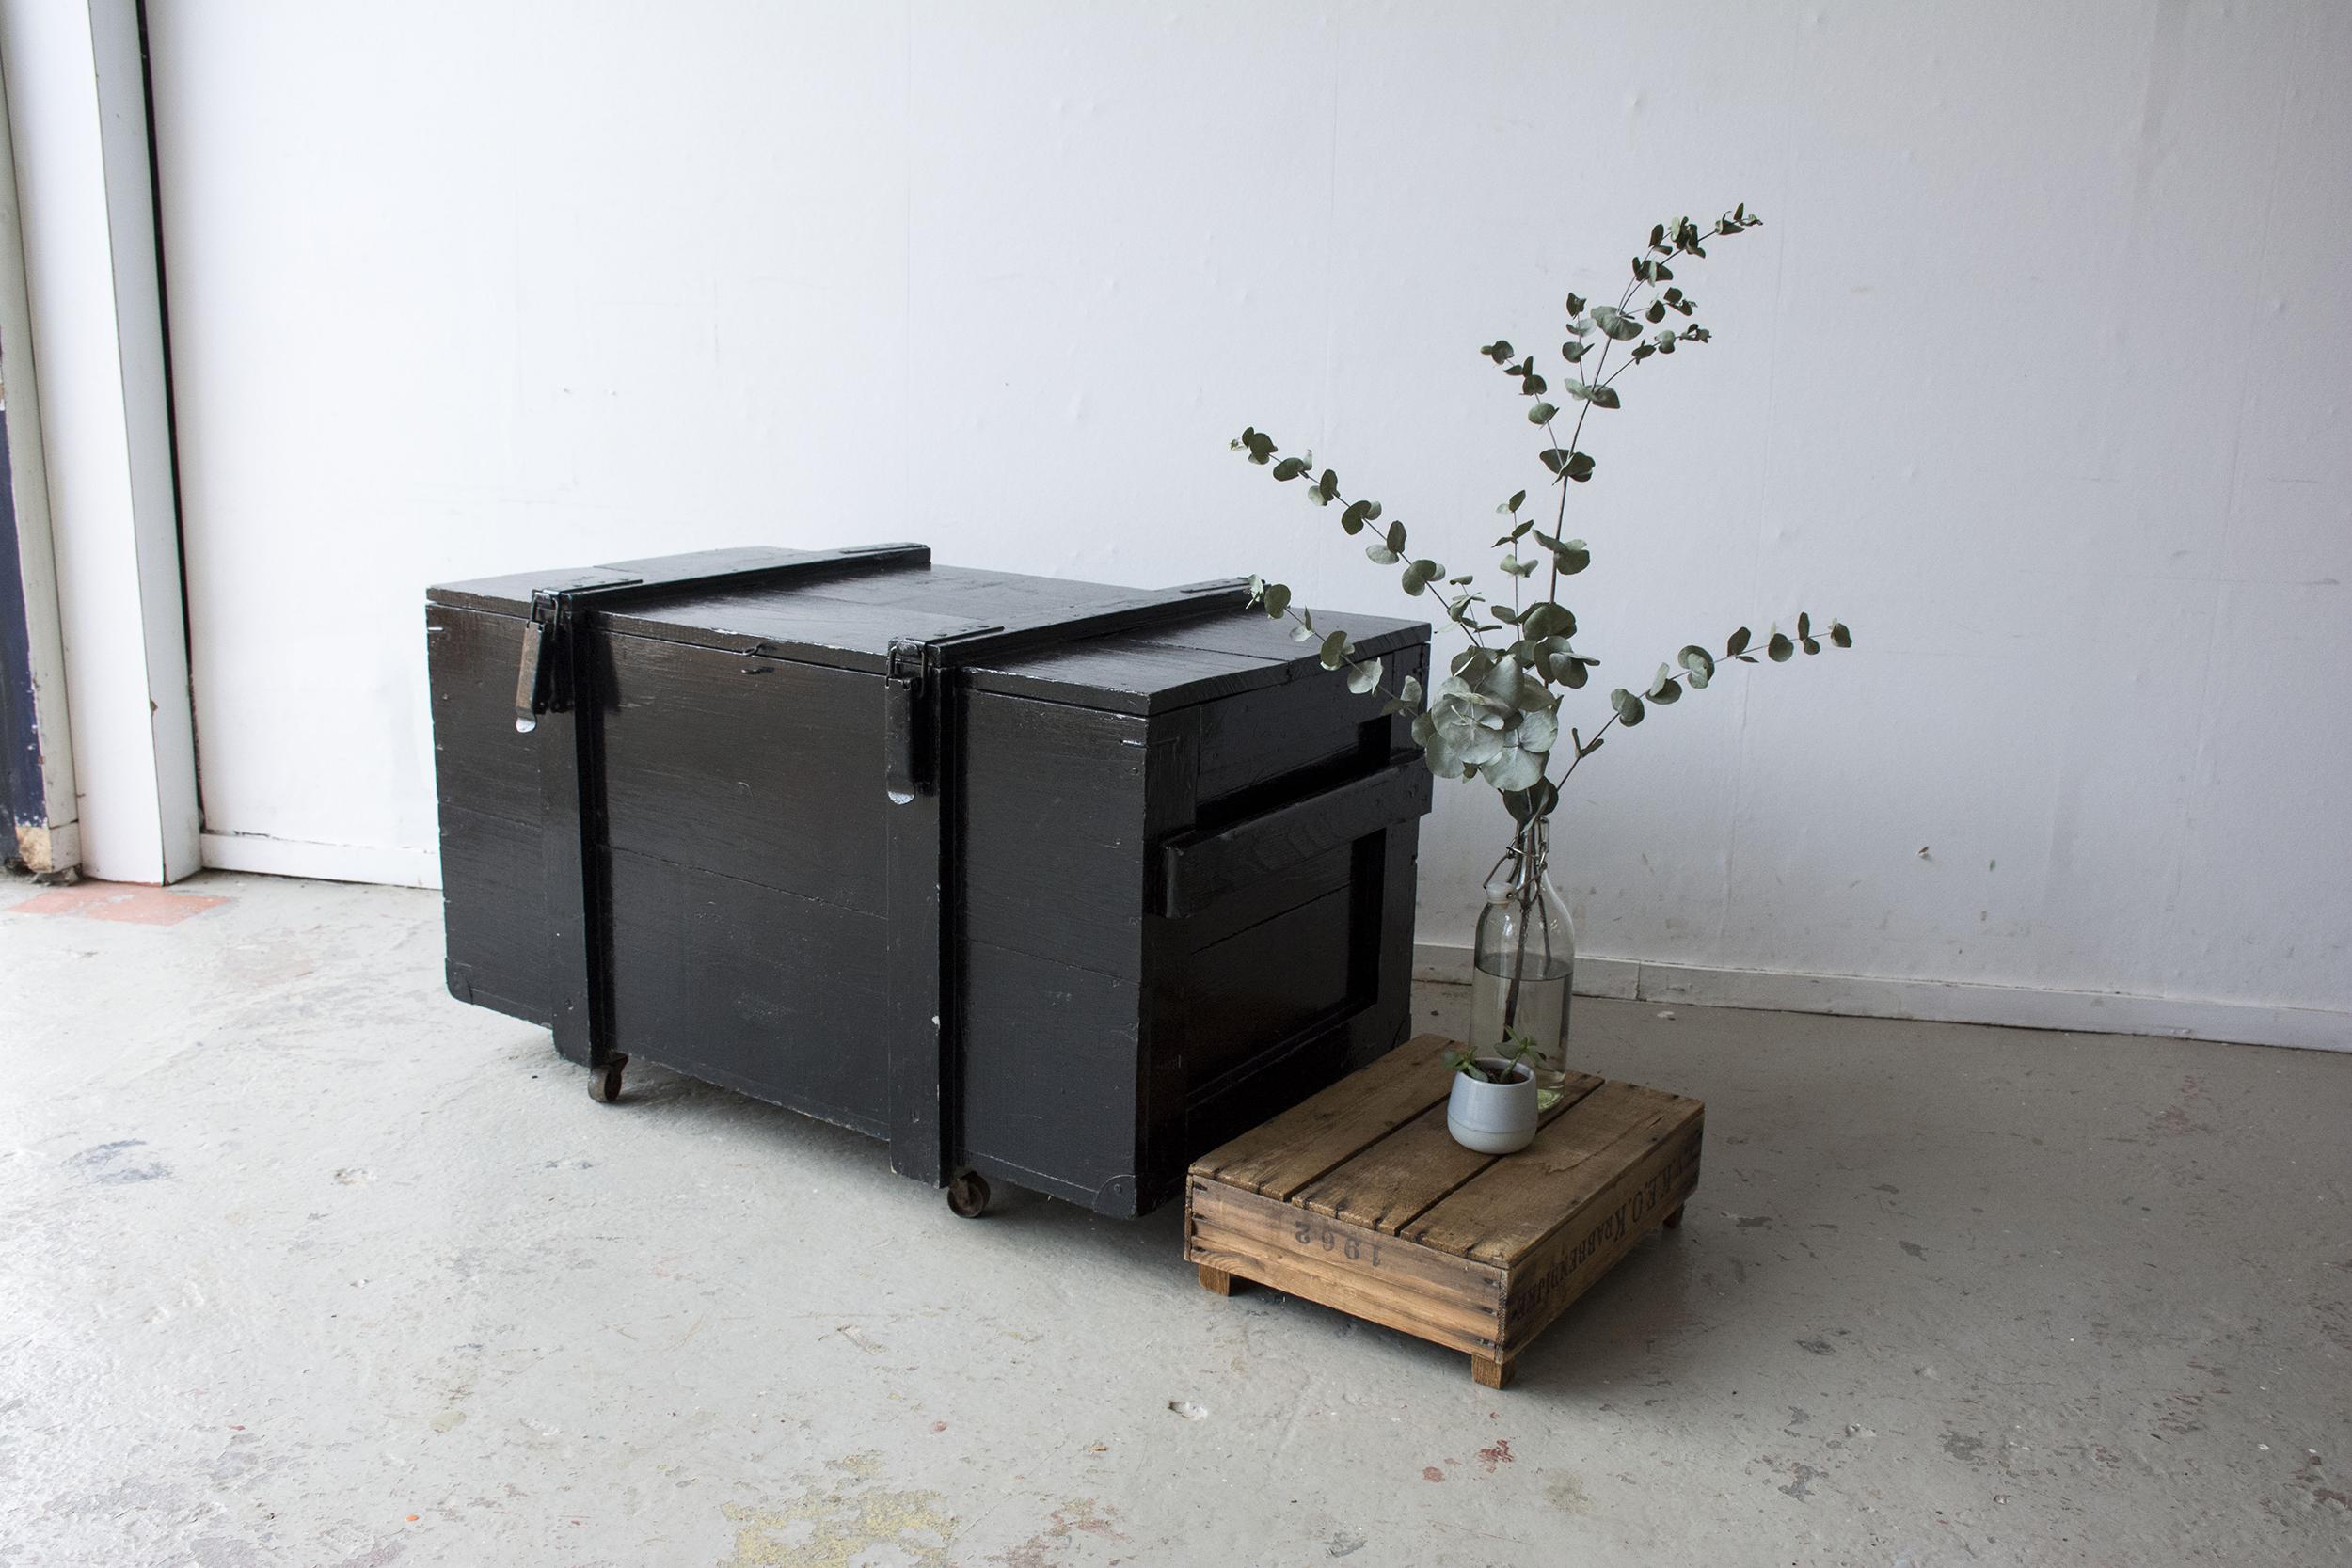 Grote zwarte vintage kist op wieltjes - Firma zoethout_1.jpg